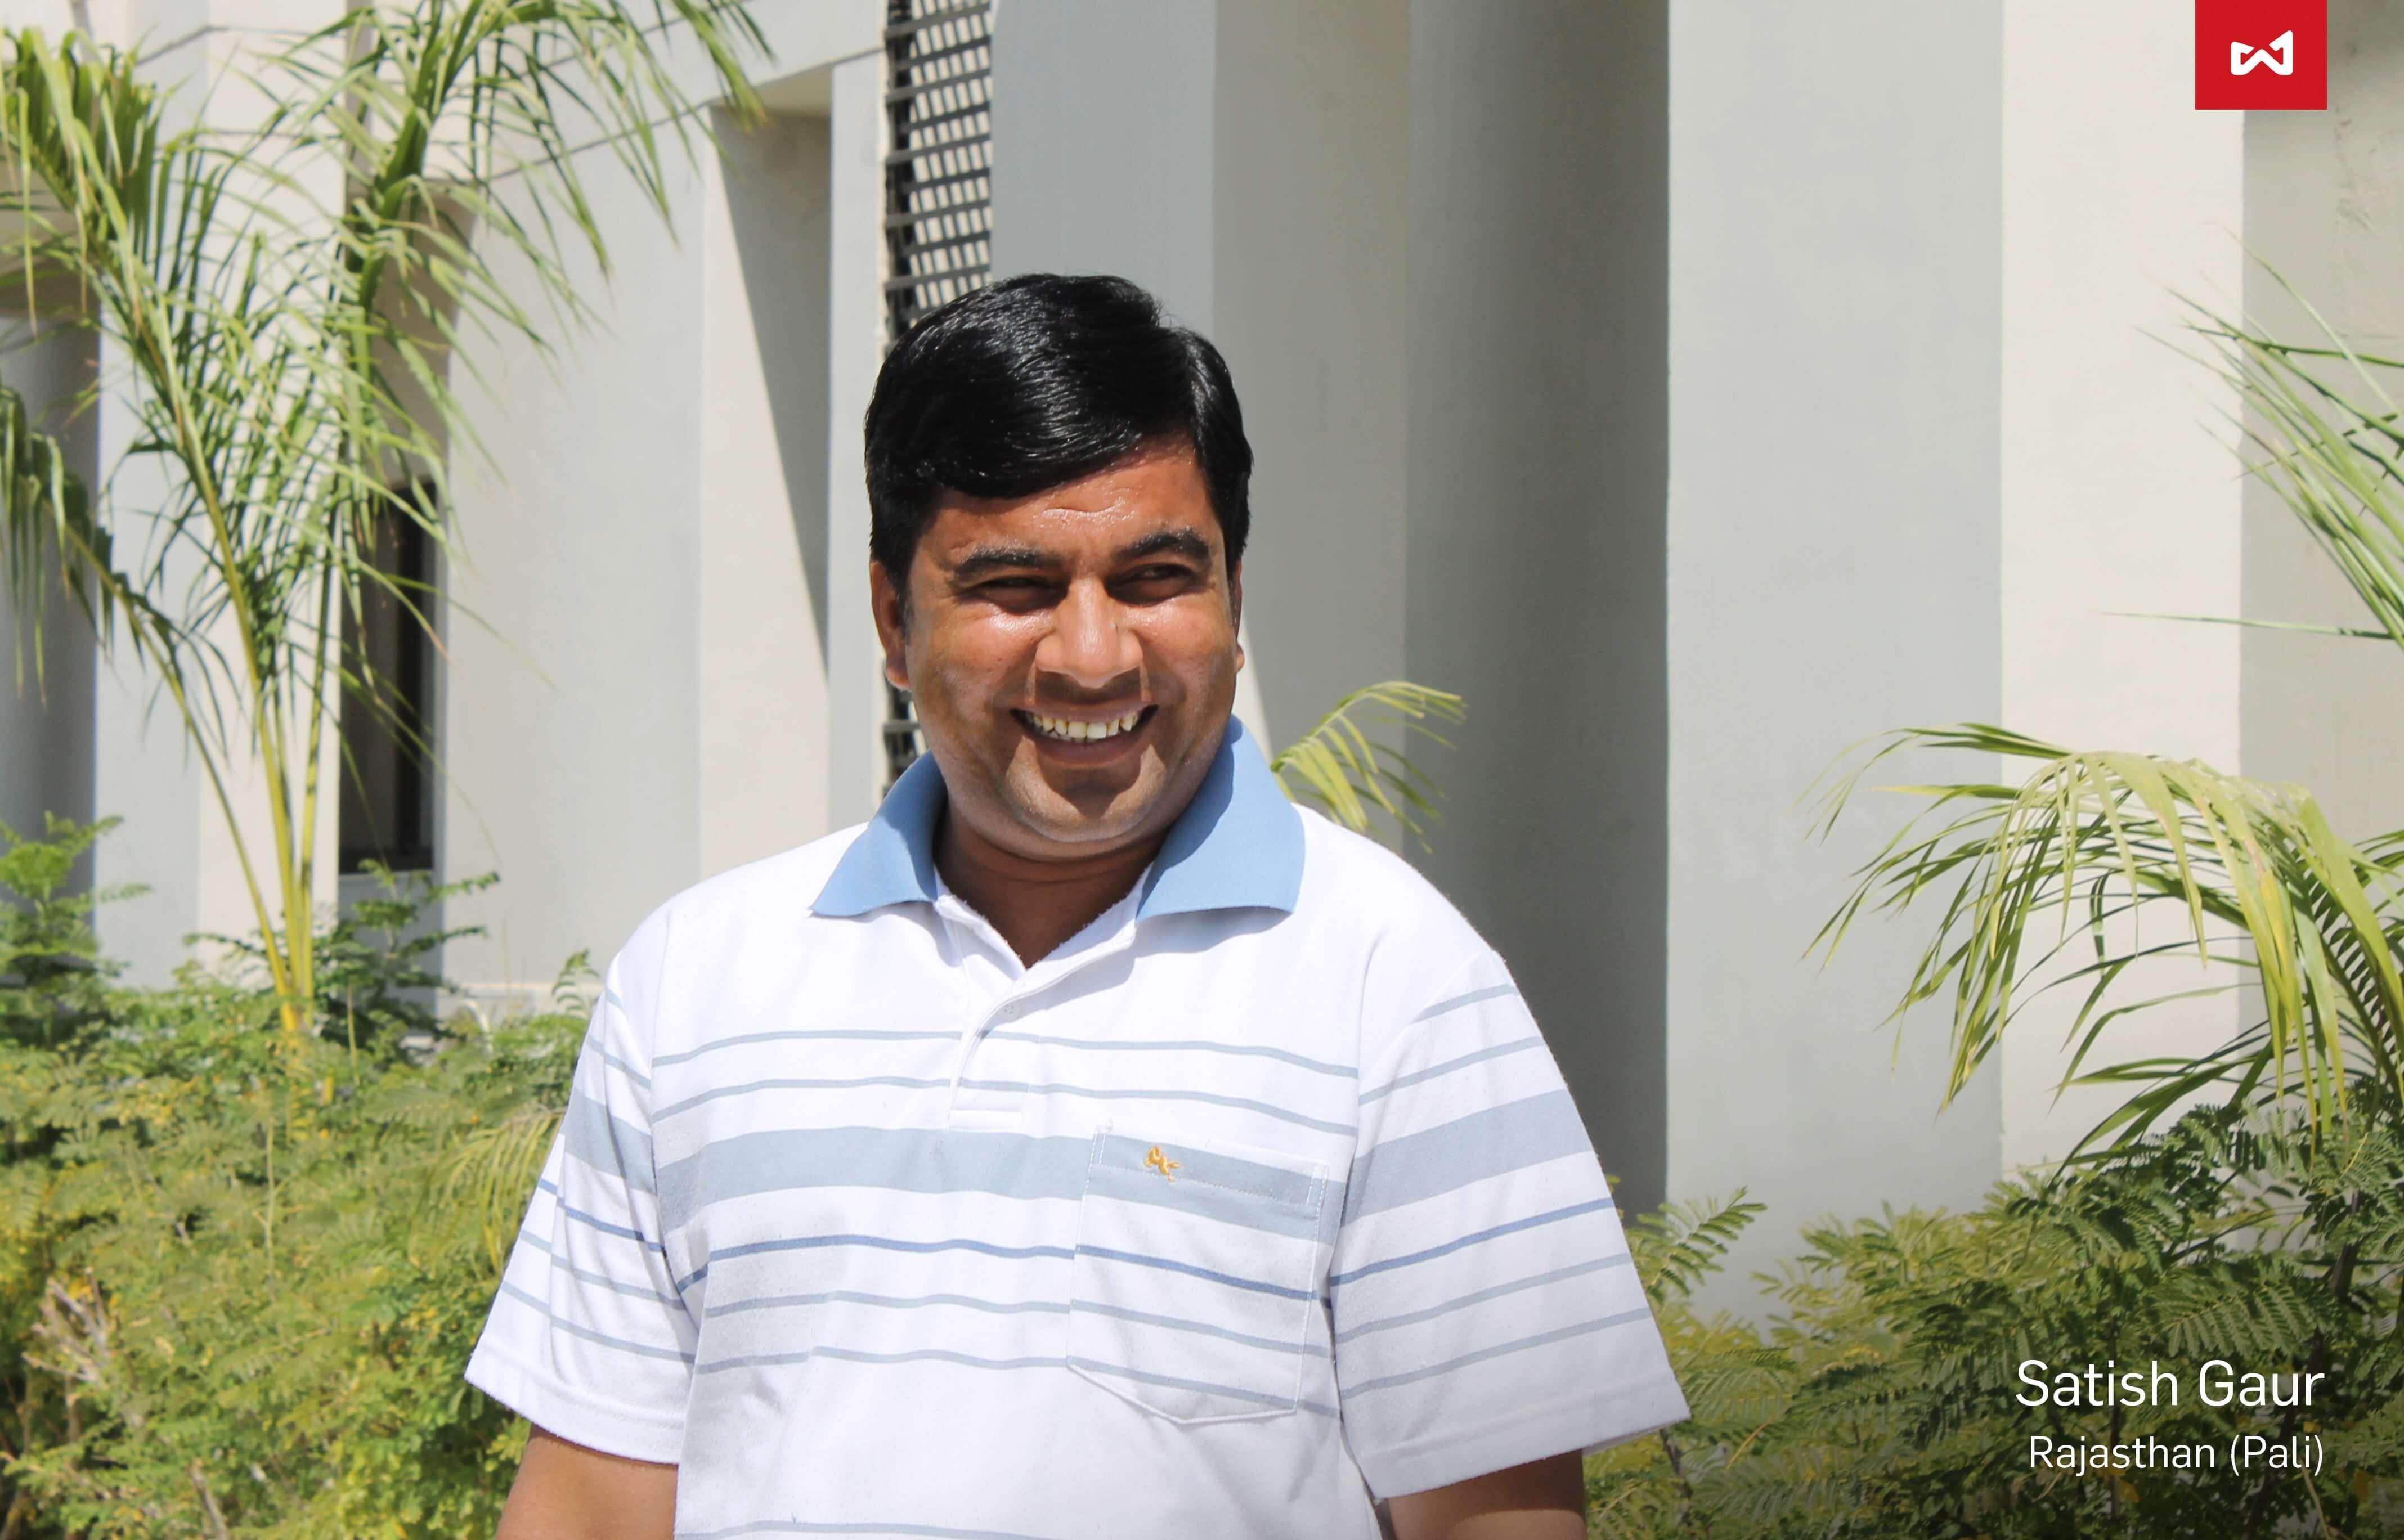 Satish Gaur